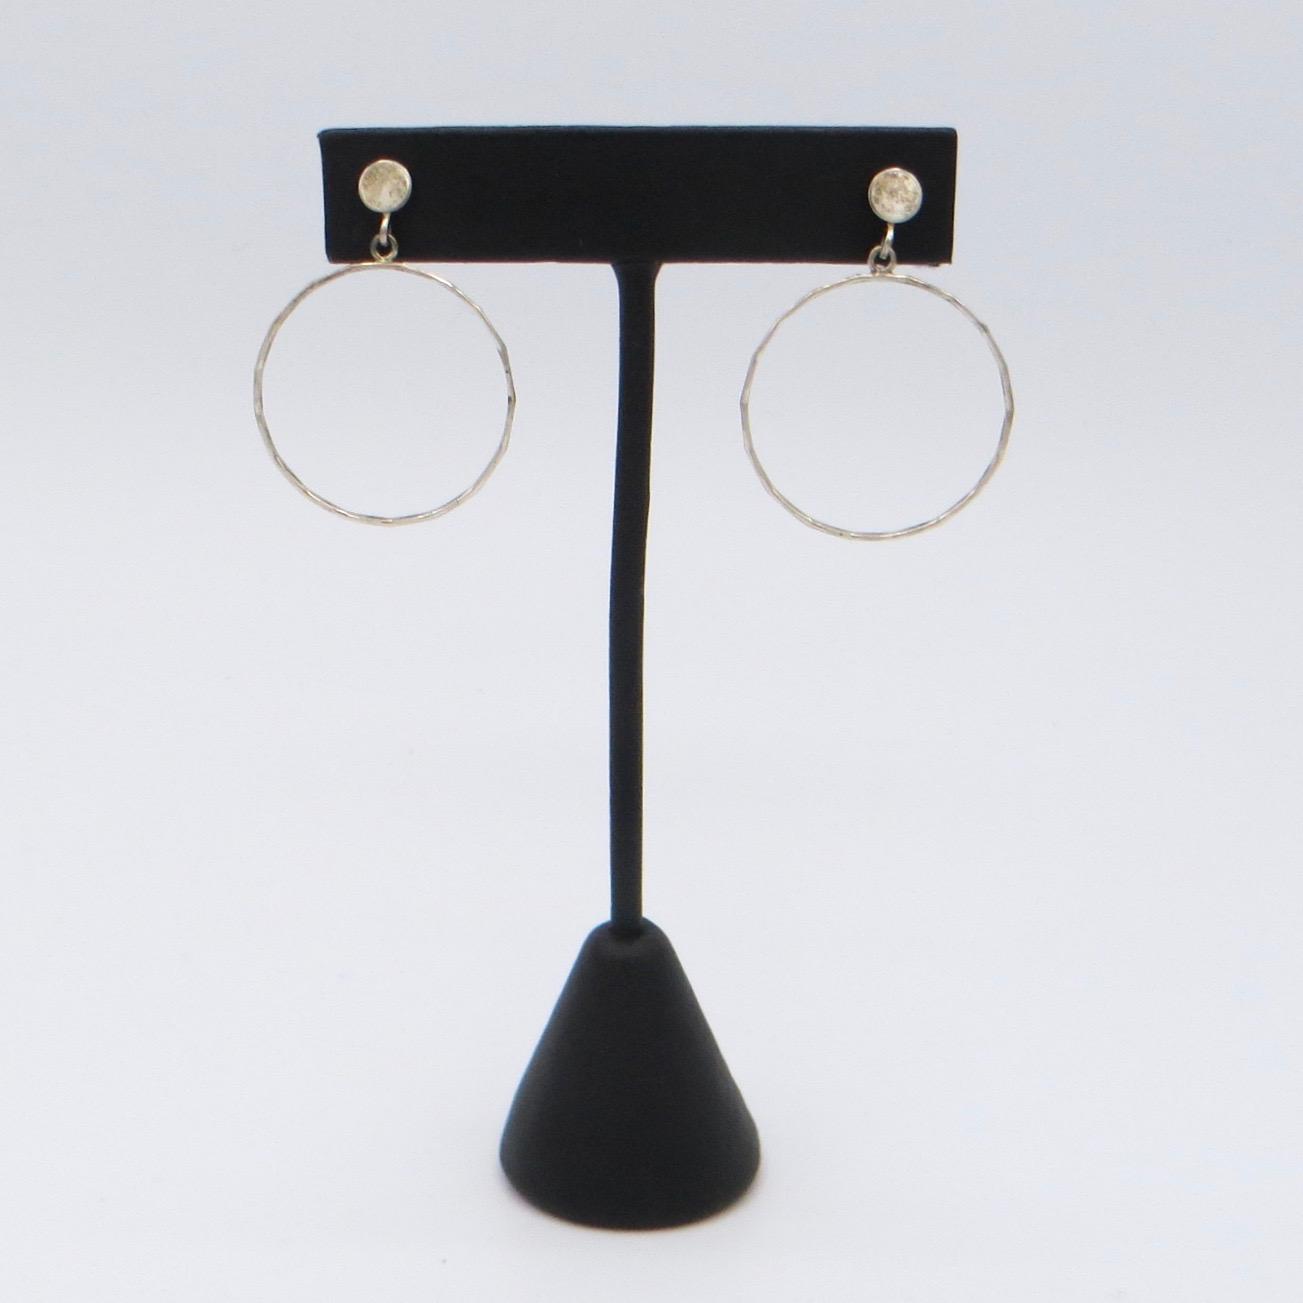 Vintage Sterling Silver Hoop Earrings (Small)